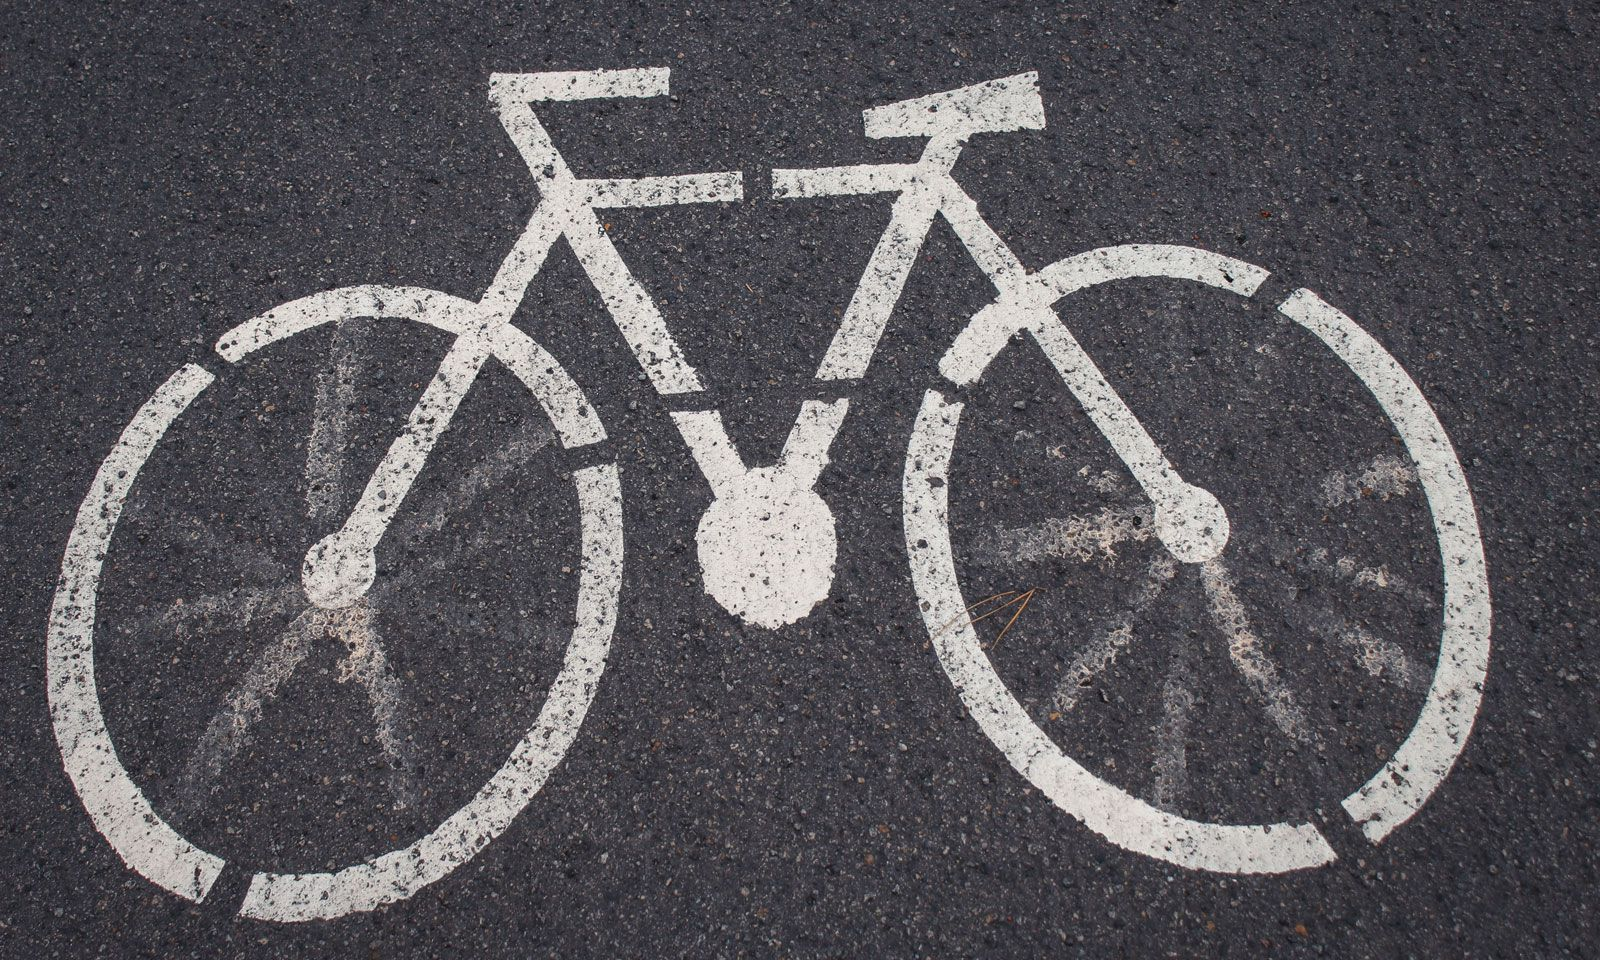 Ich fahre Rad und will dafür belohnt werden |